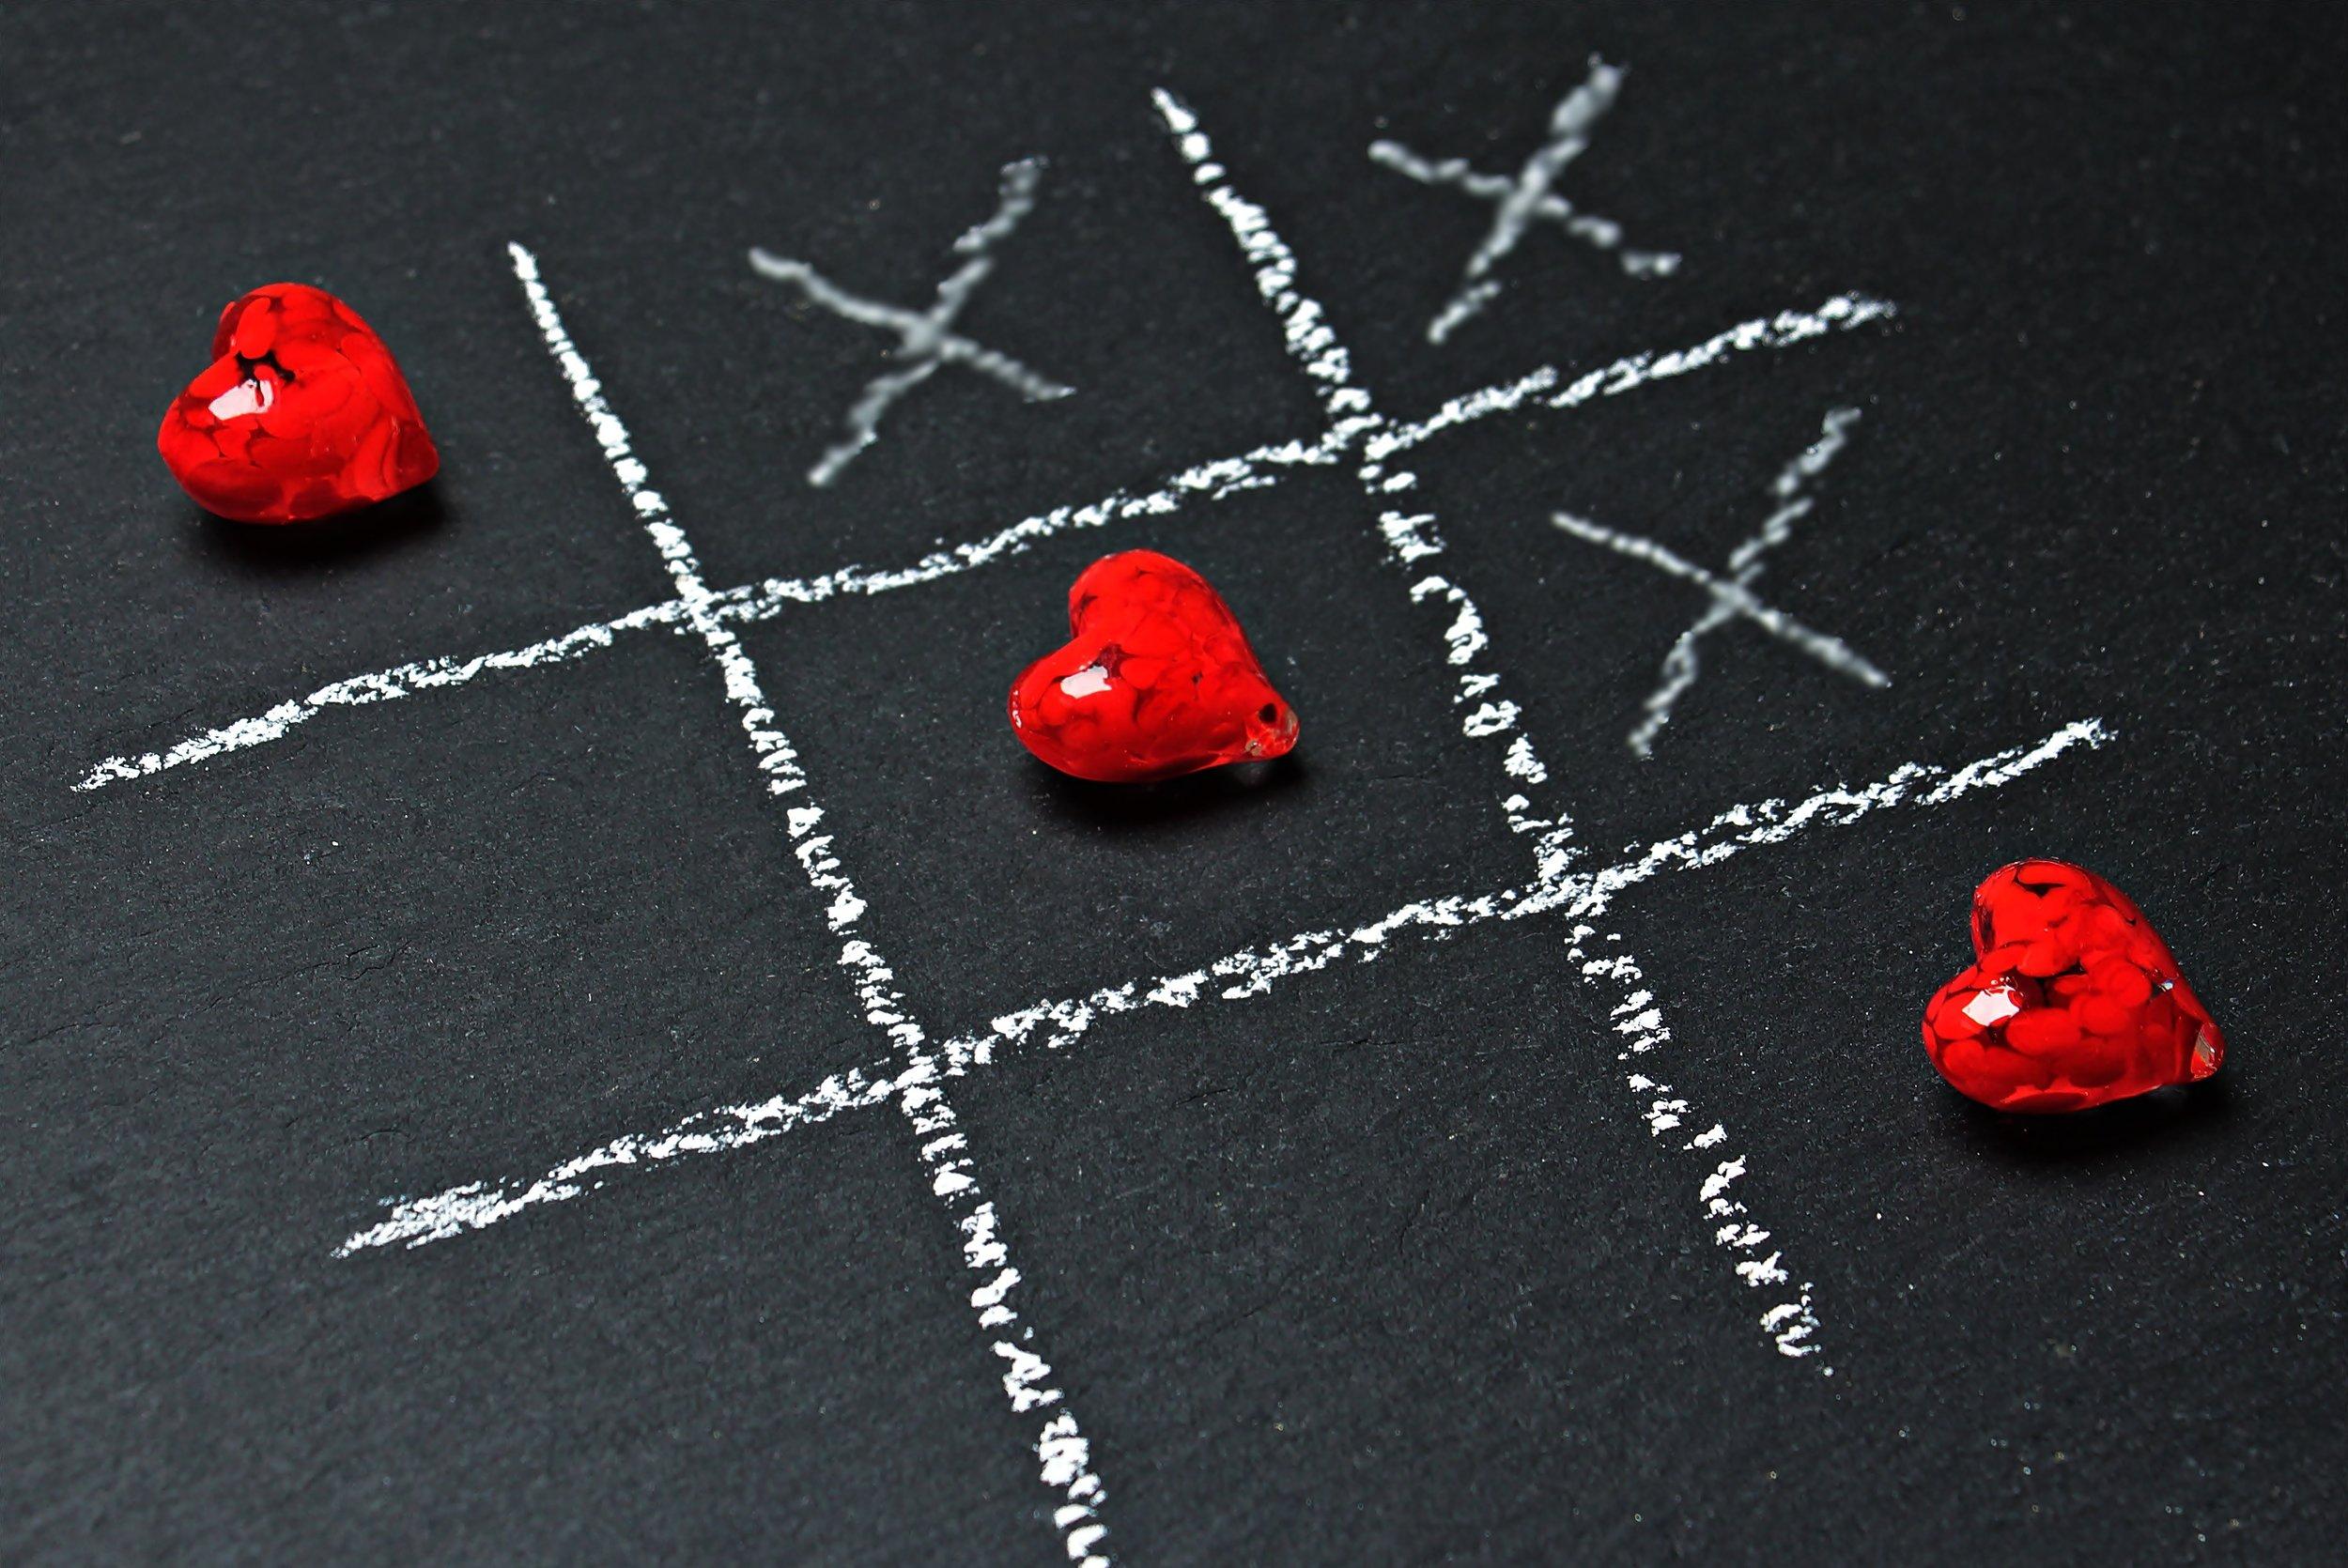 board-chalk-chalkboard-220053.jpg